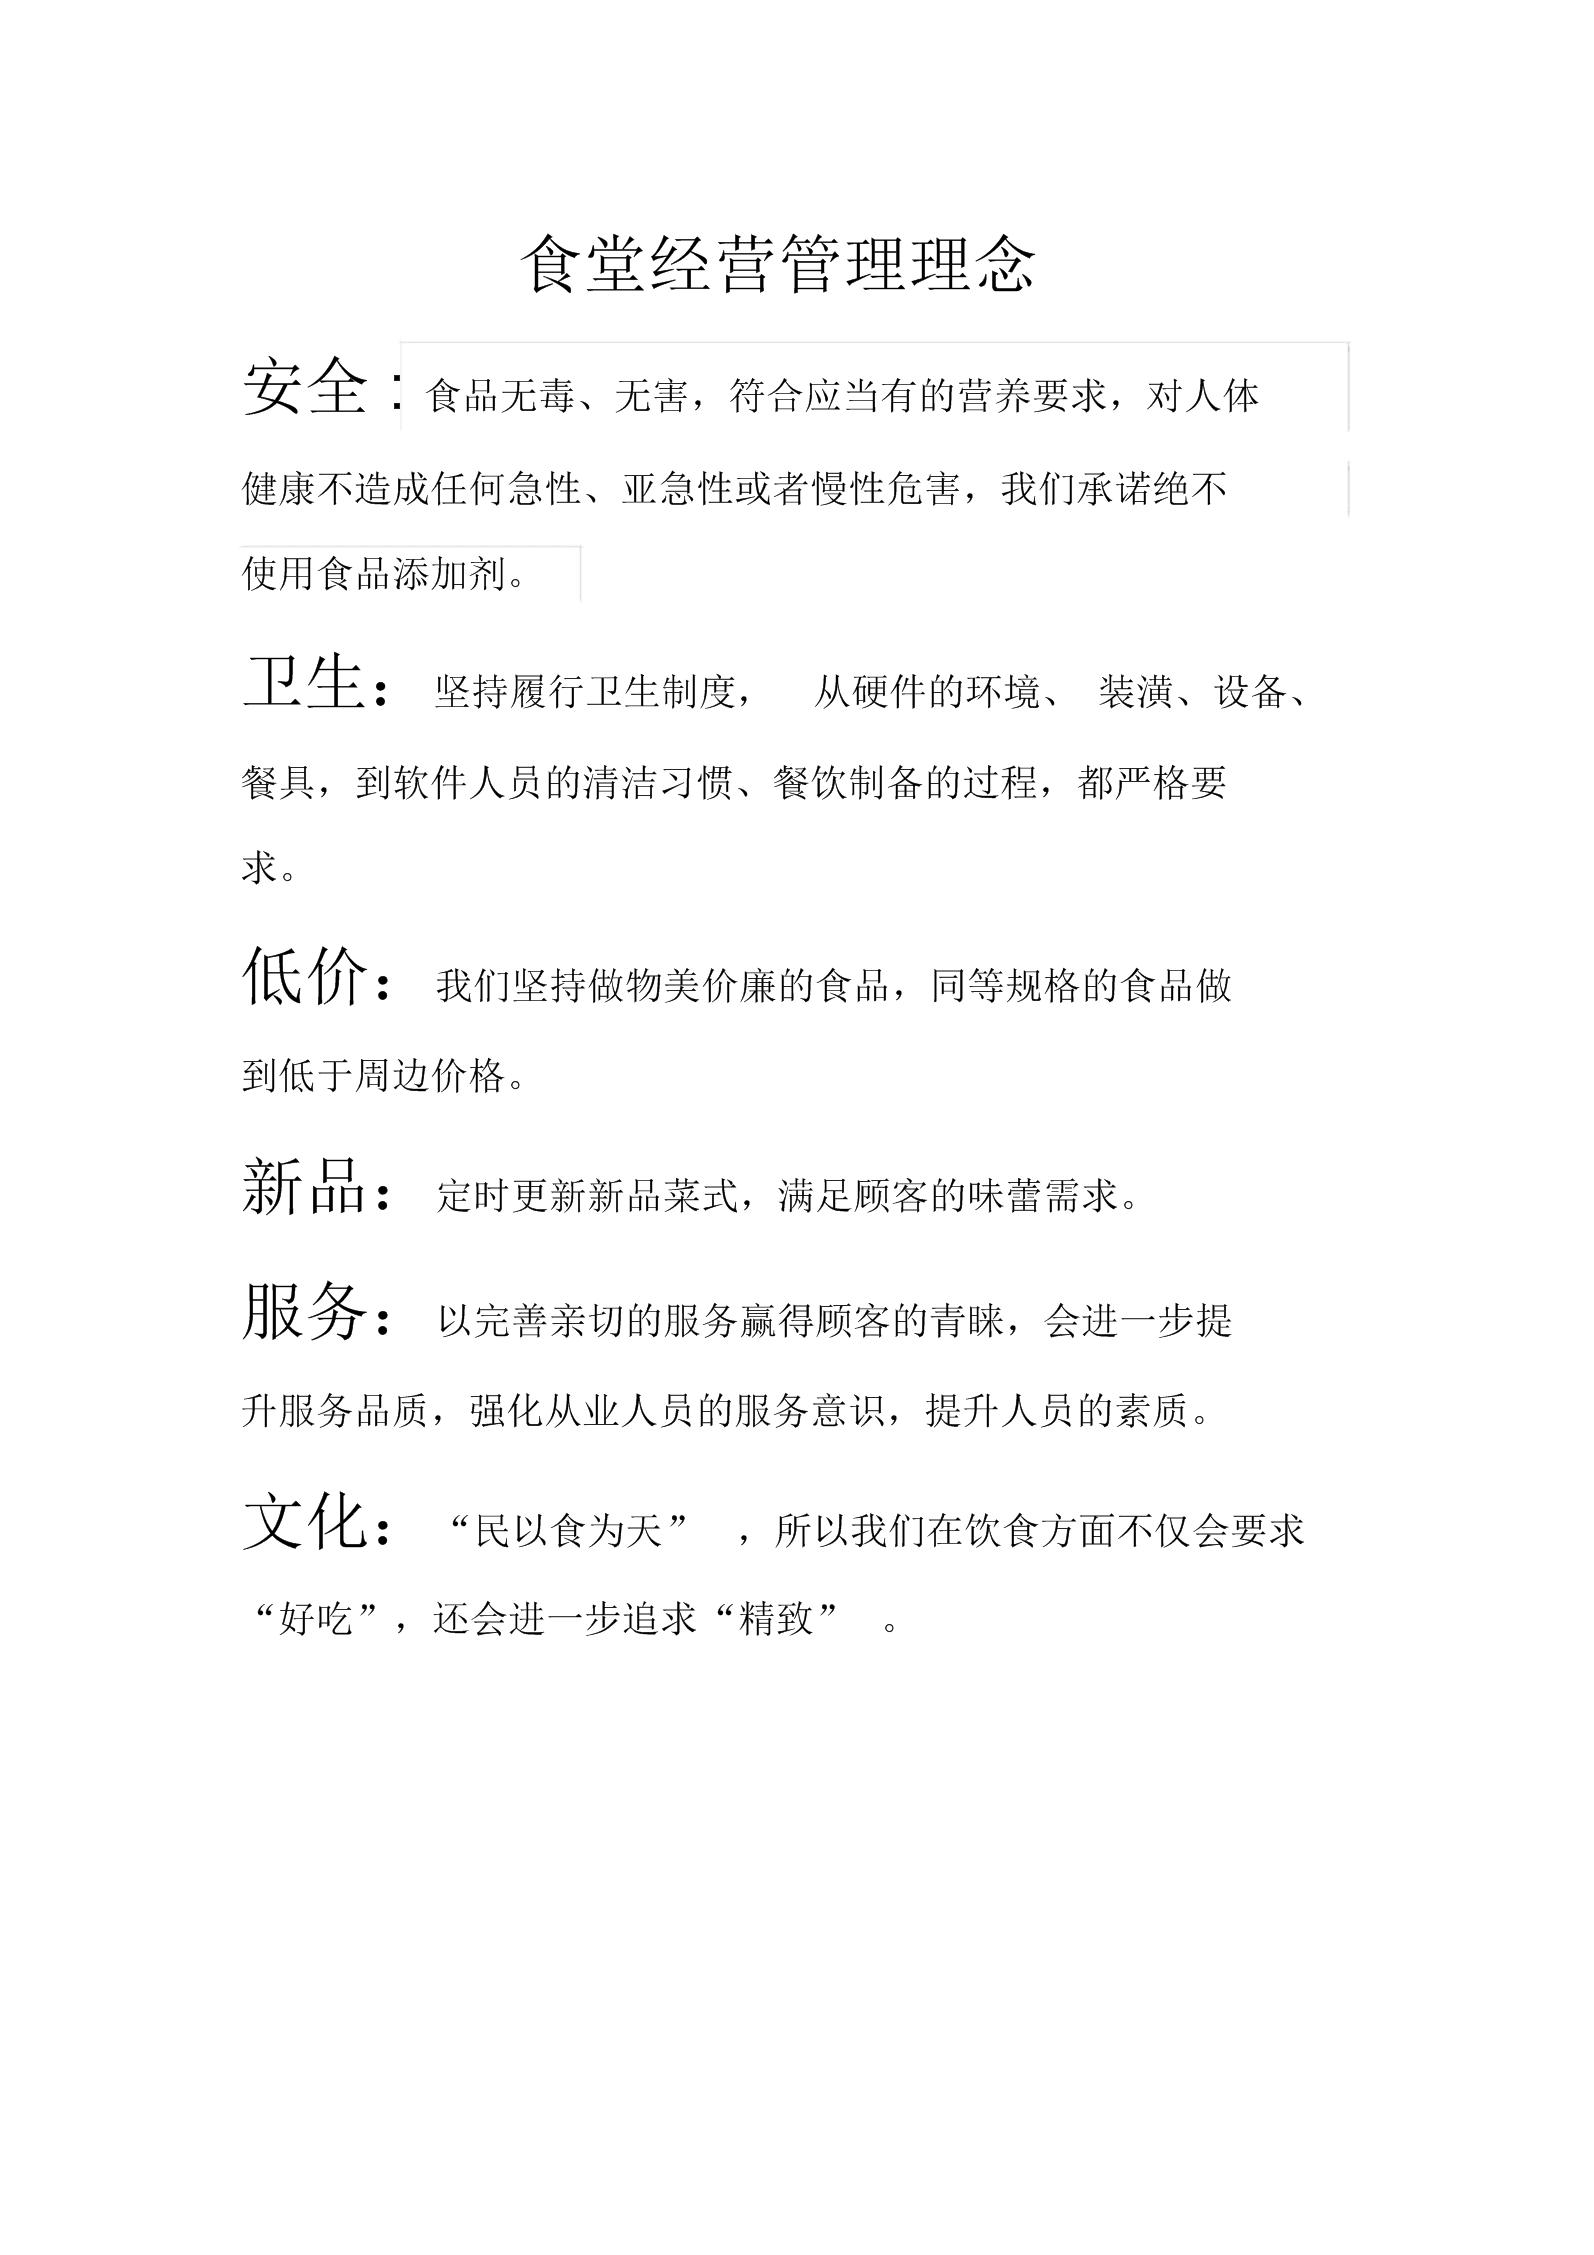 食堂经营管理理念.docx